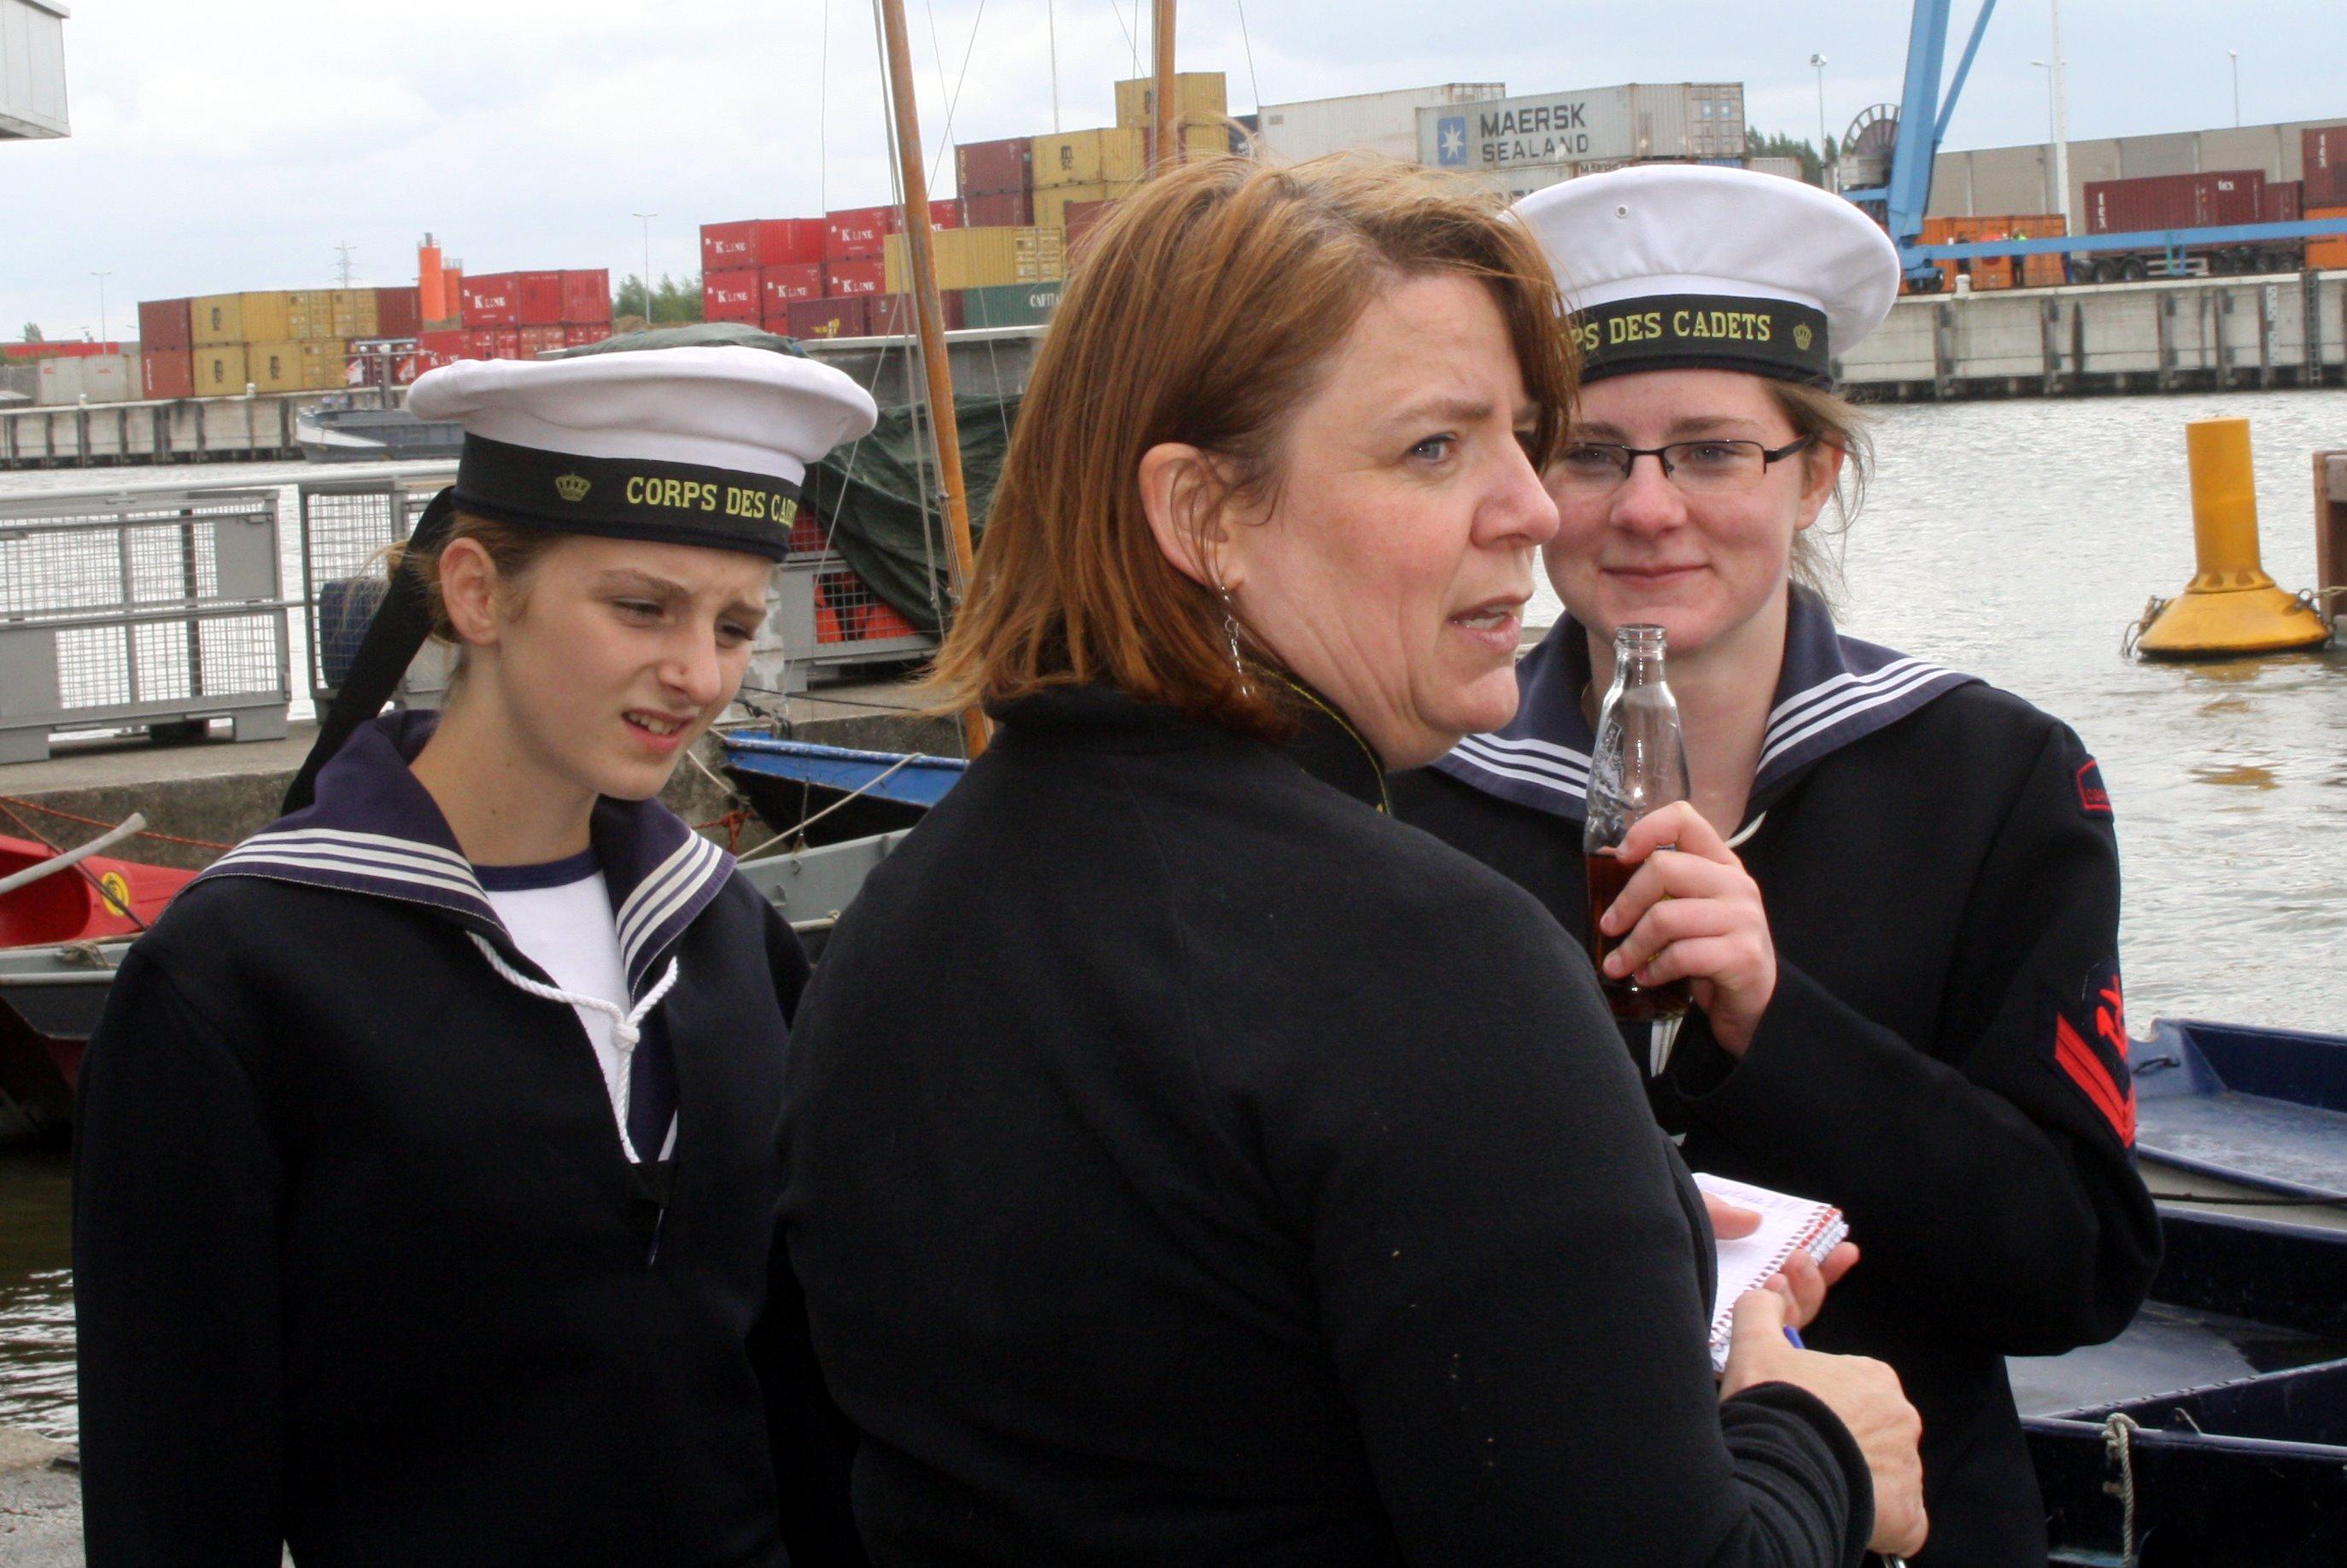 Fastes des Cadets de Marine à Bruxelles le 18/06/2011 - Page 12 1106201228091095838352859